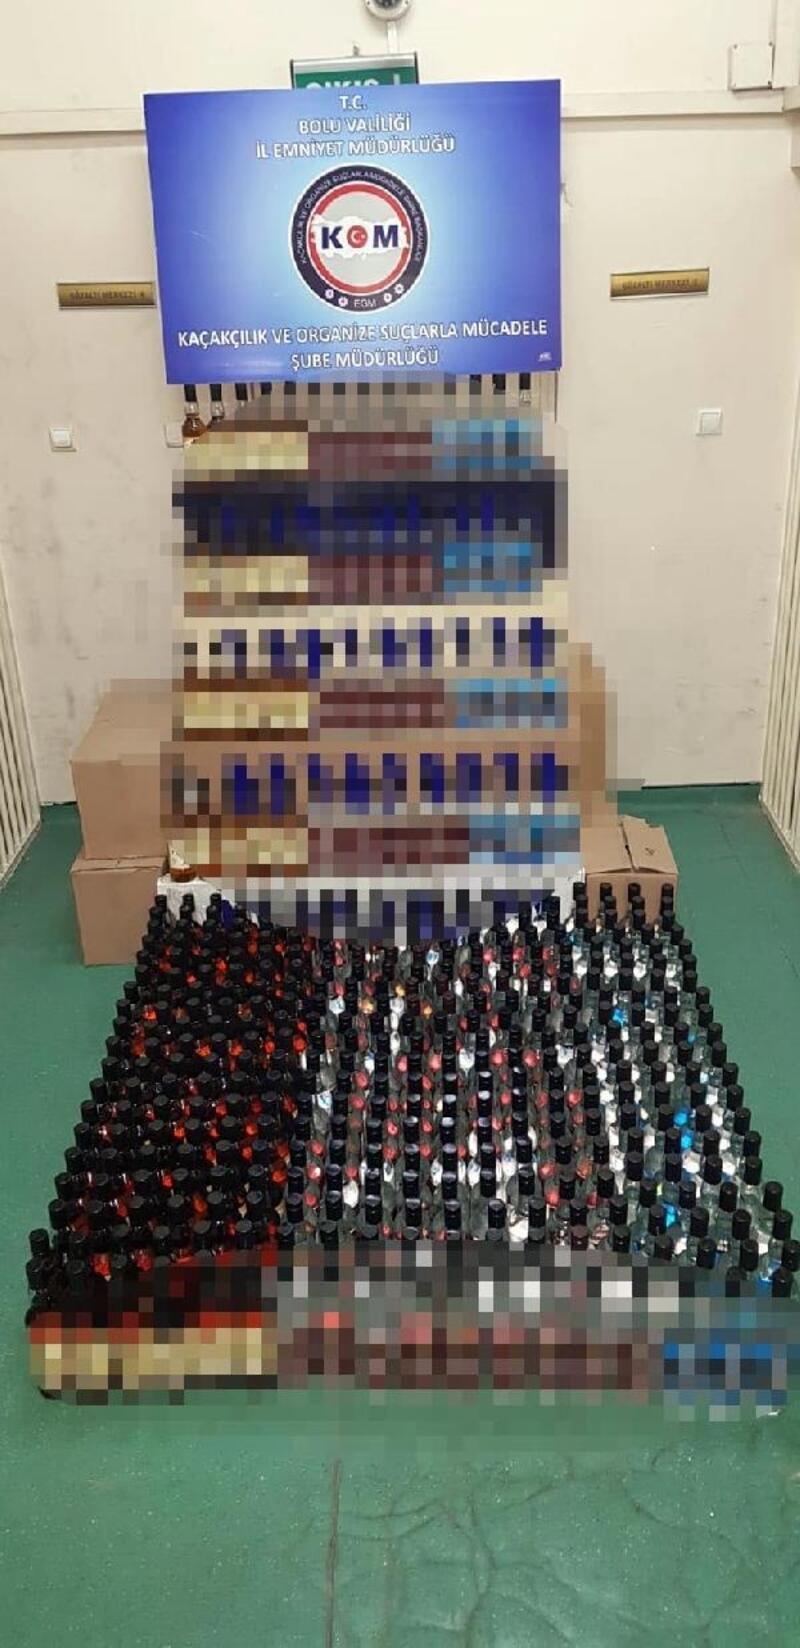 Bolu'da 647 şişe kaçak içki ele geçirildi